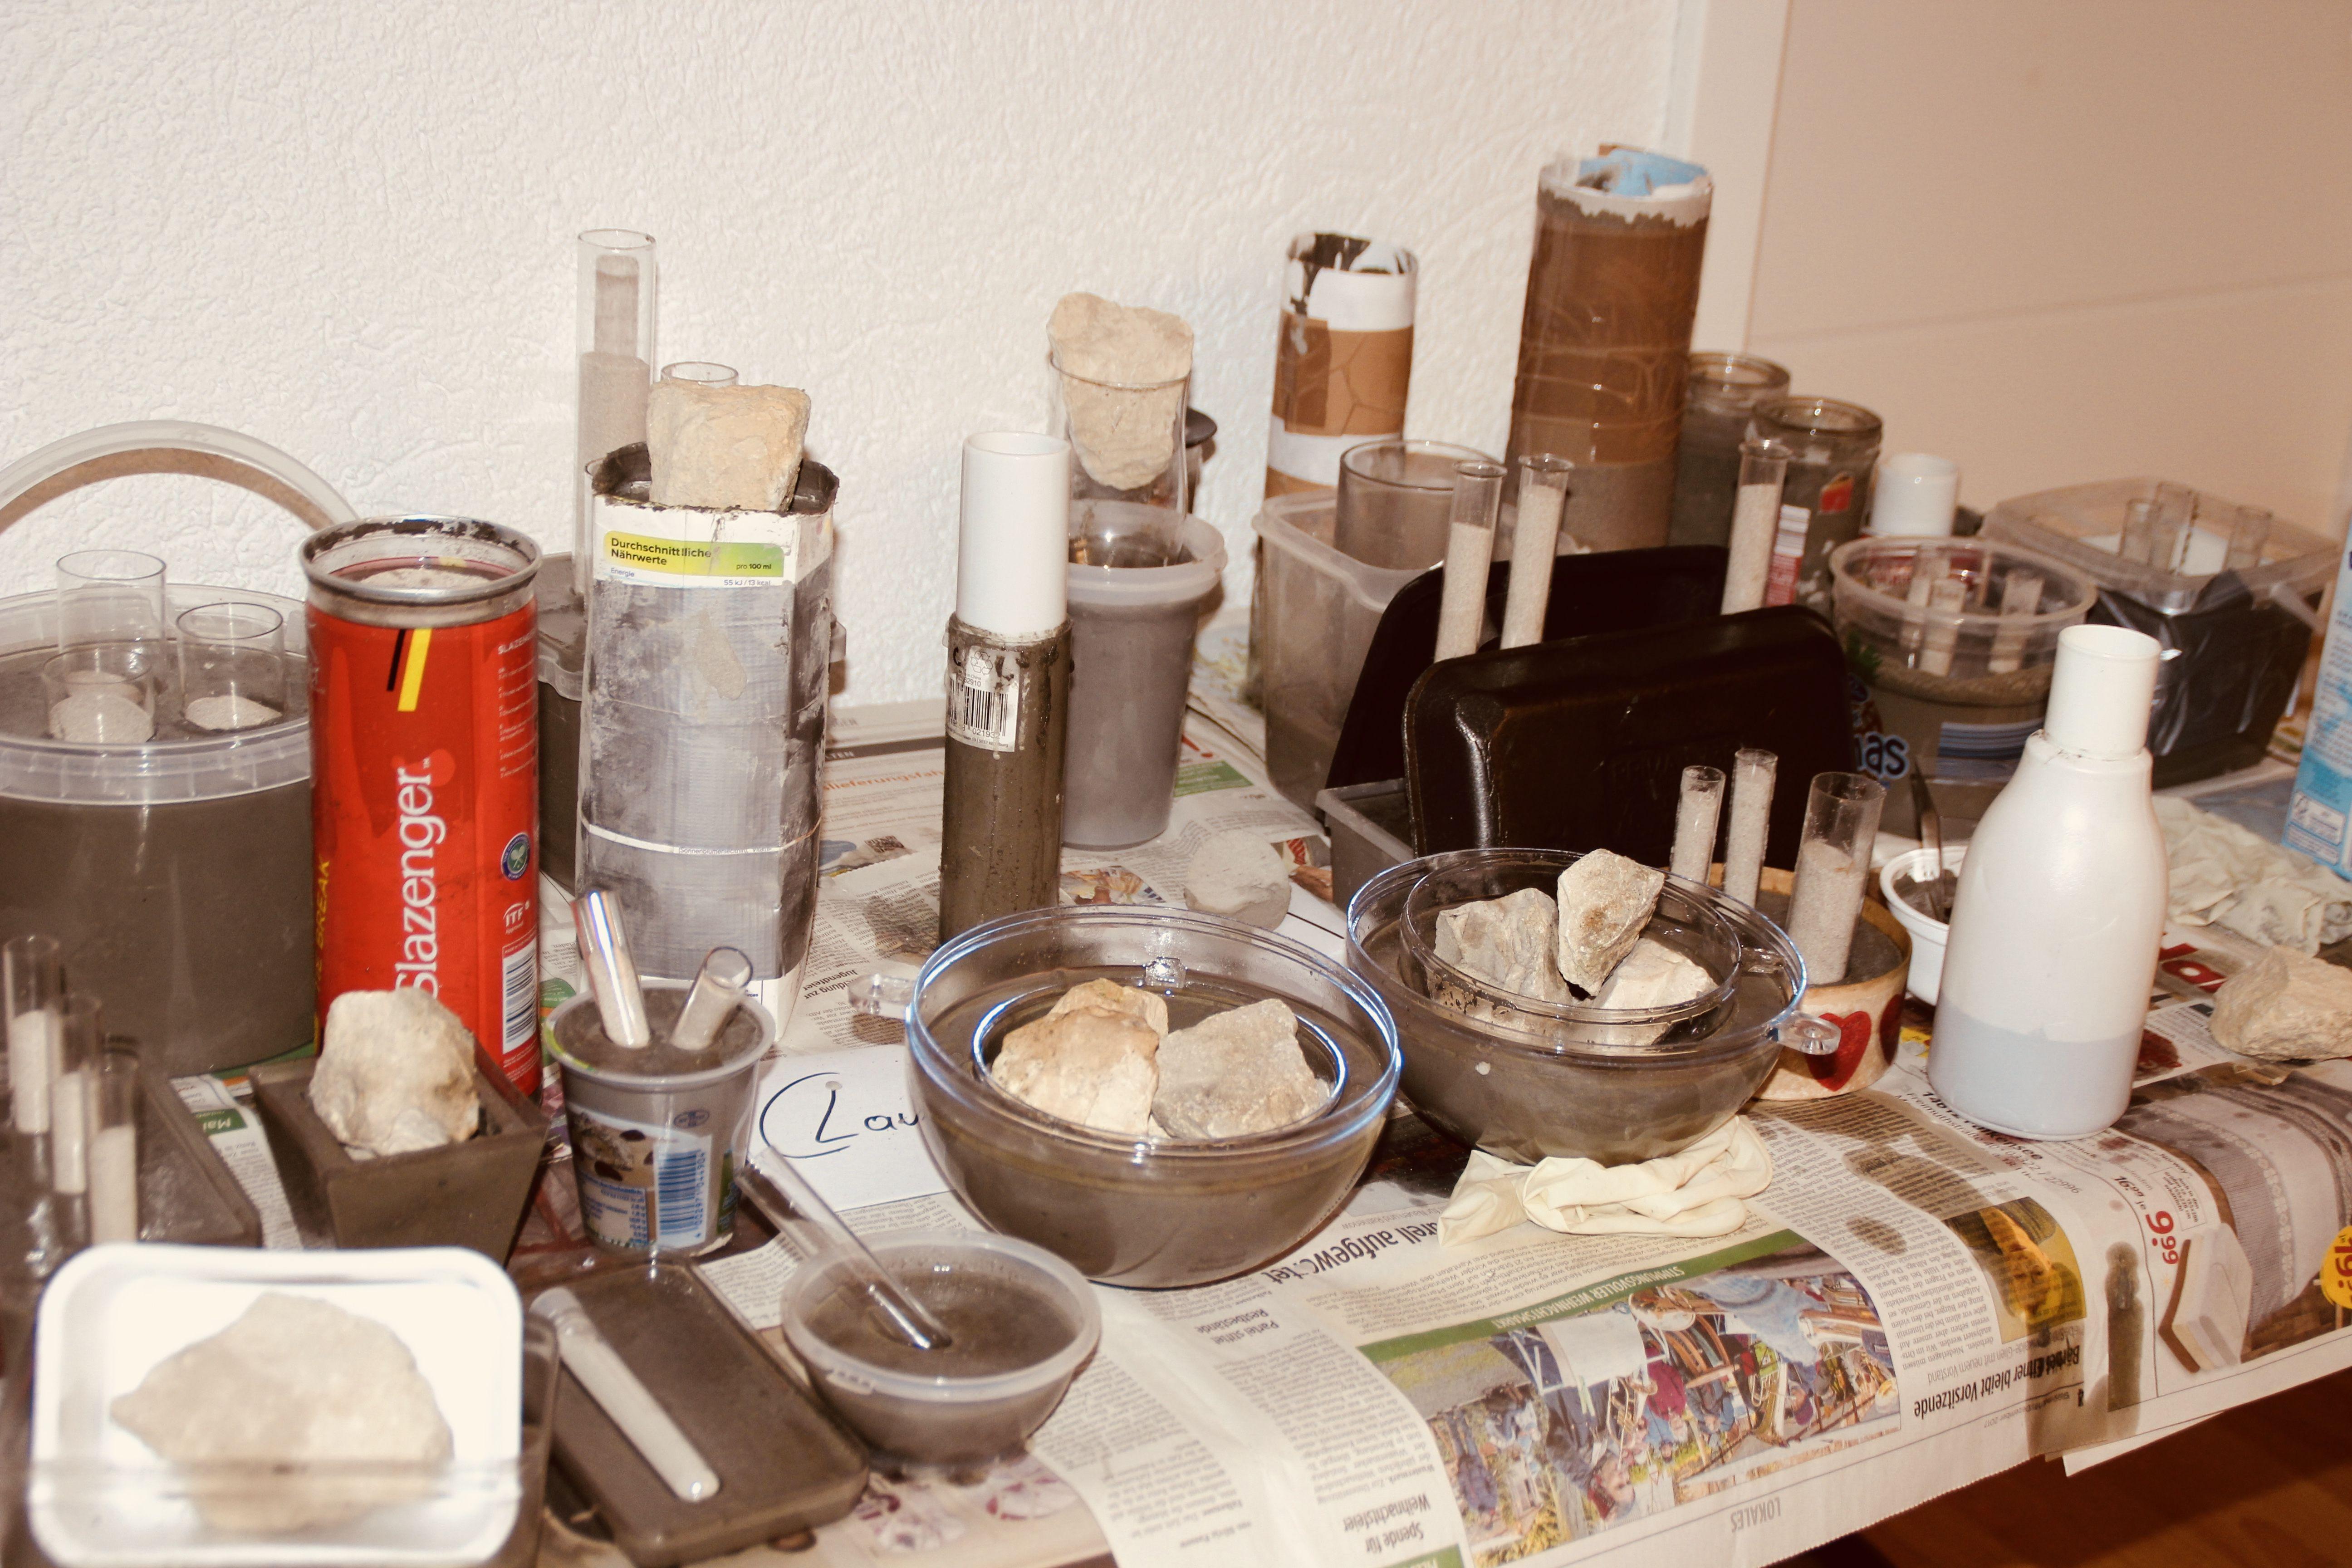 buche jetzt unter www.einzigartig-kreatiuvbude.de #beton #vase